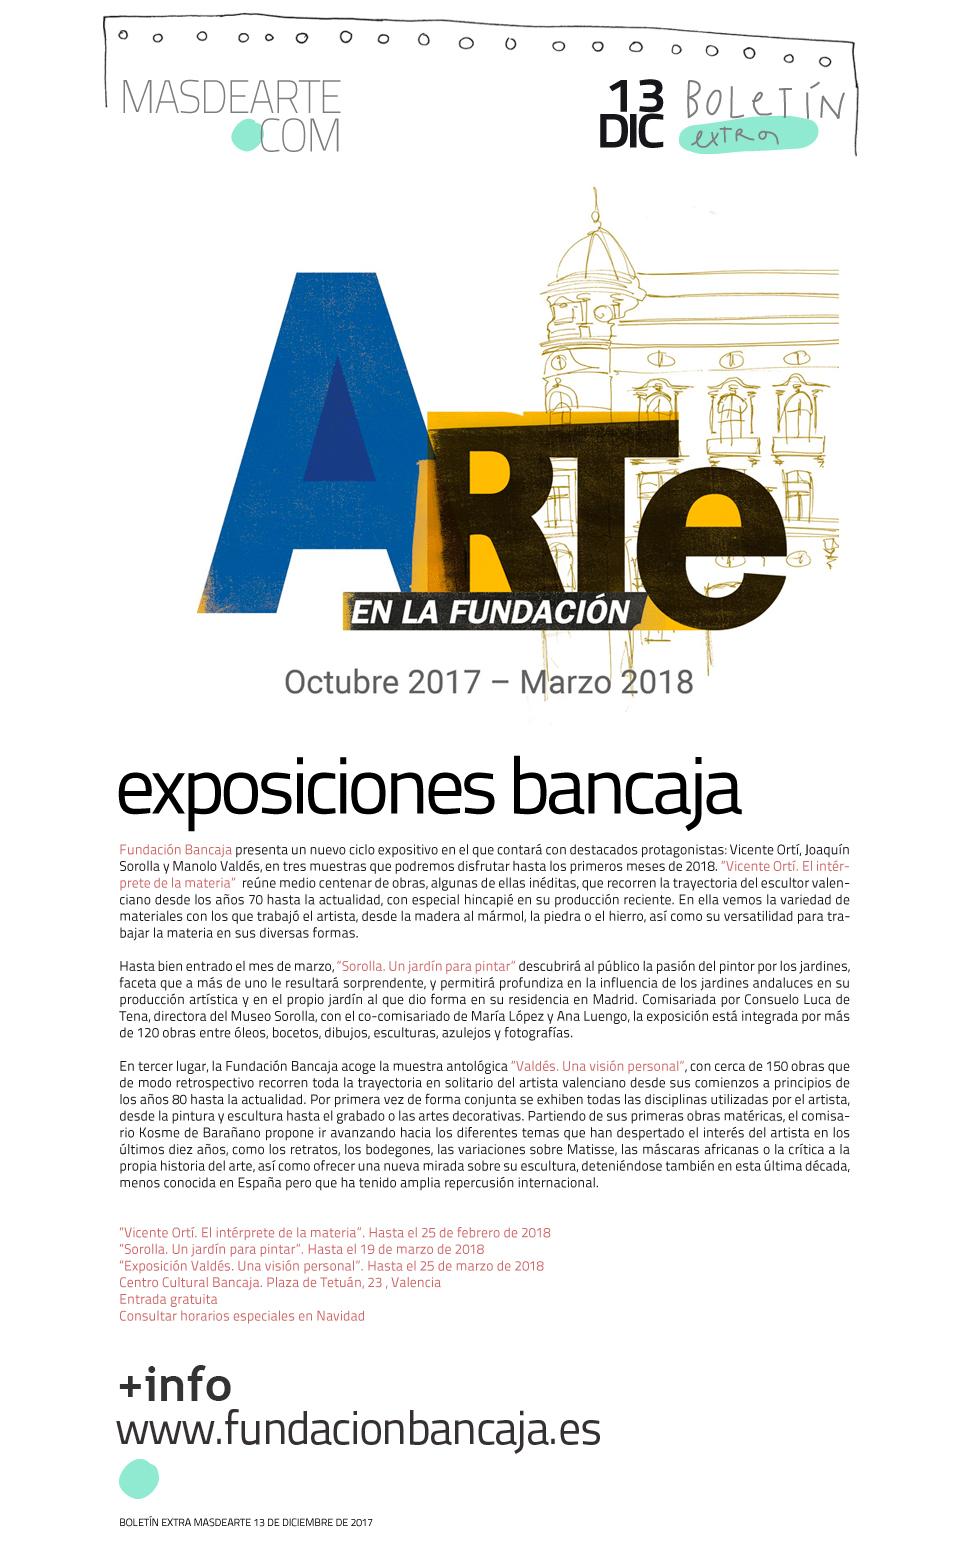 Extra masdearte: programación de exposiciones  en Bancaja: Ortí, Valdés y Sorolla